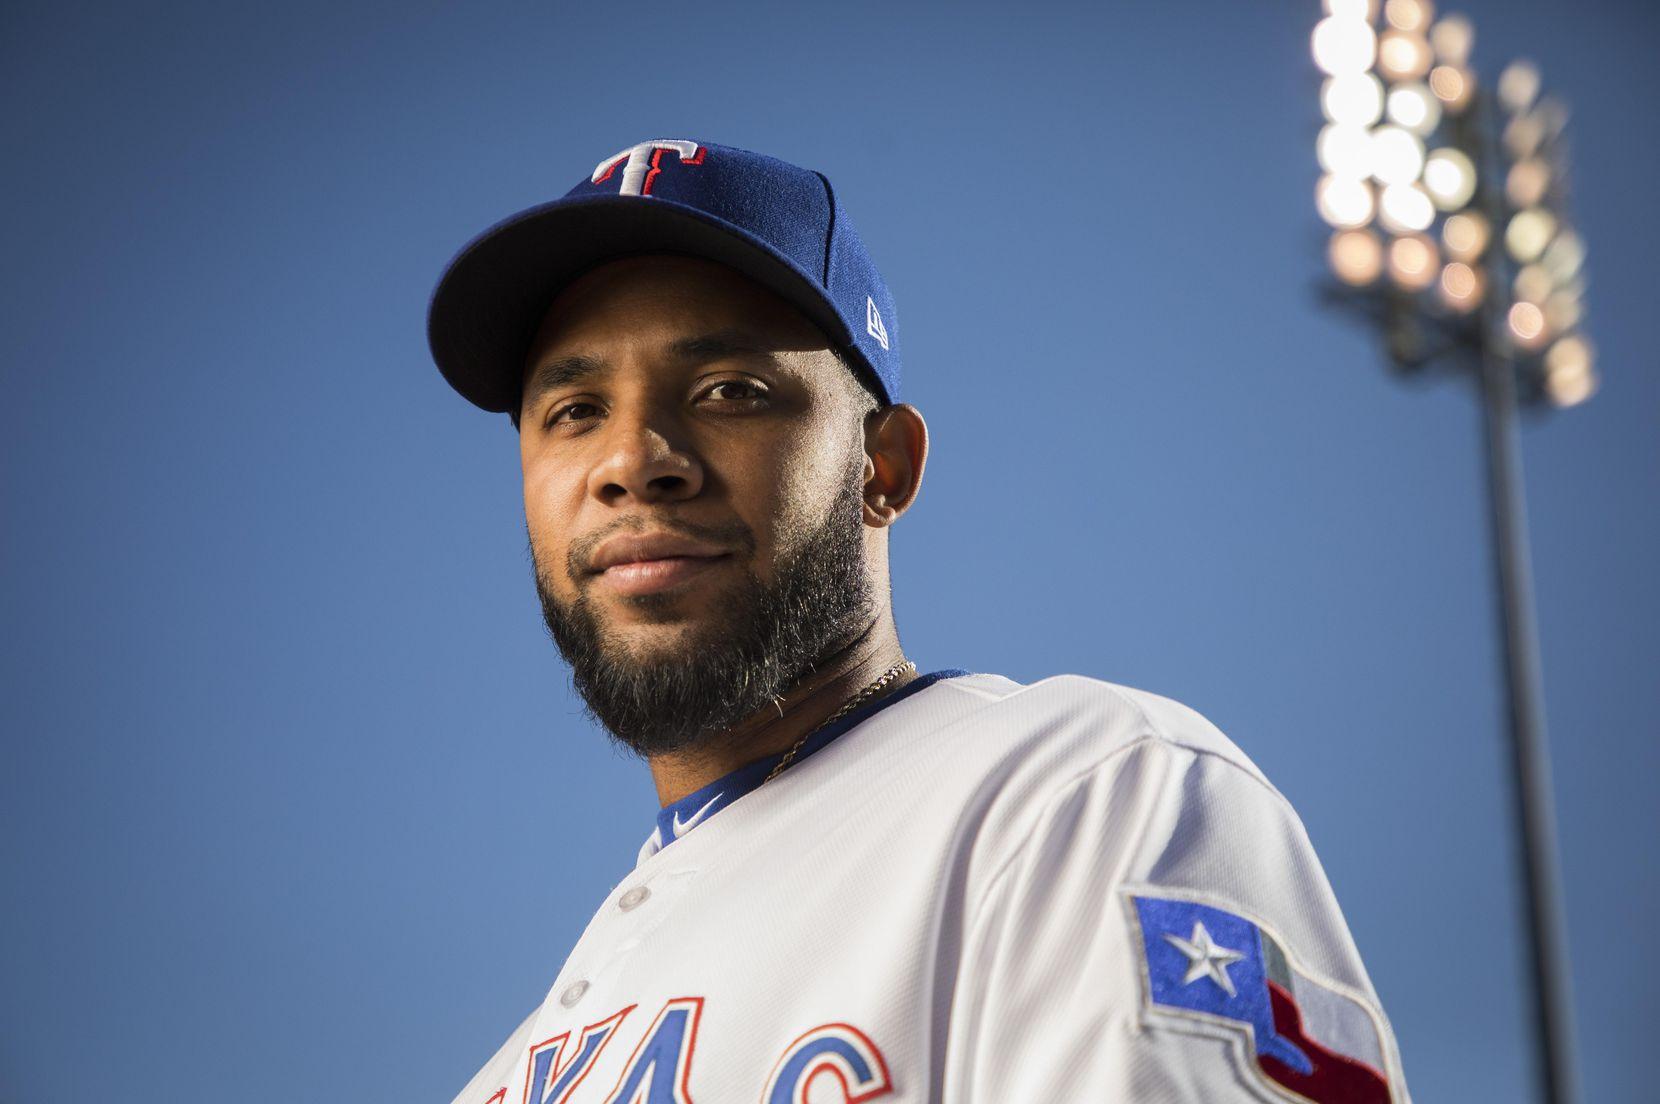 Con 10 años en la franquicia, Elvis Andrus se ha convertido en la cara de los Texas Rangers. (DMN/Smiley N. Pool)